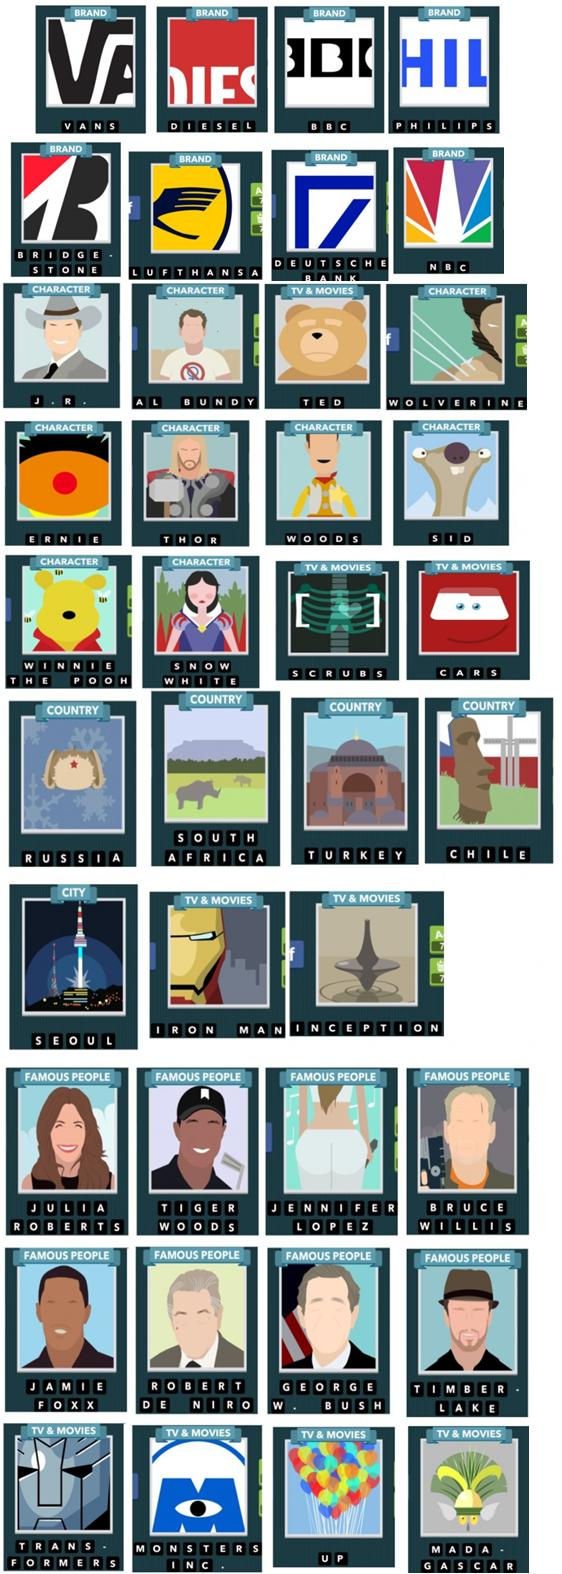 ... les solutions réponses des jeux android - iphone niveau par niveau